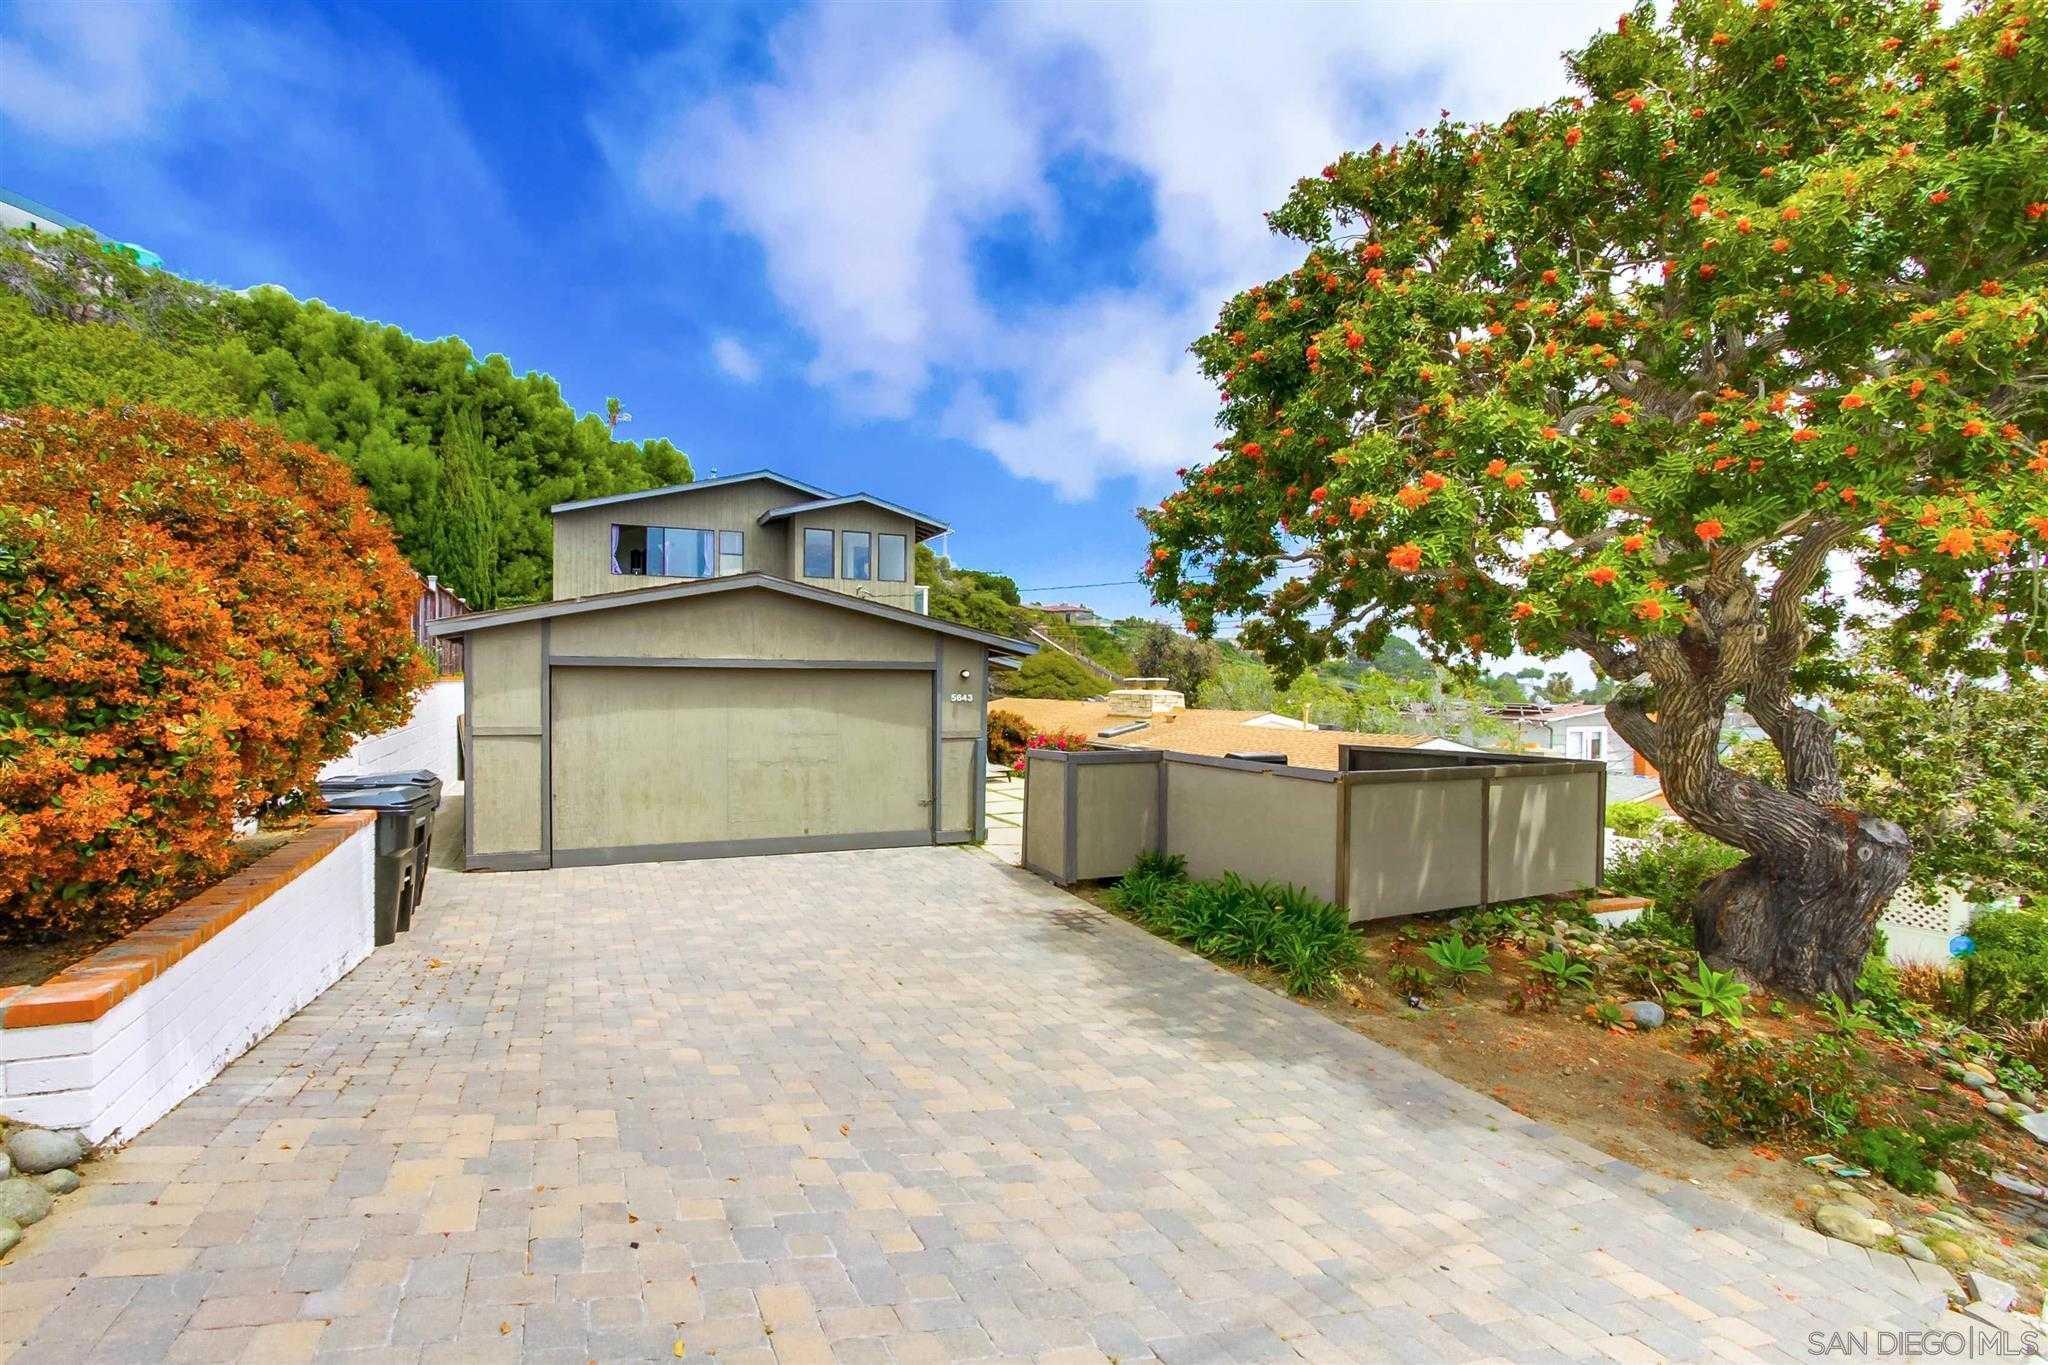 $2,195,000 - 5Br/3Ba -  for Sale in Bird Rock, La Jolla